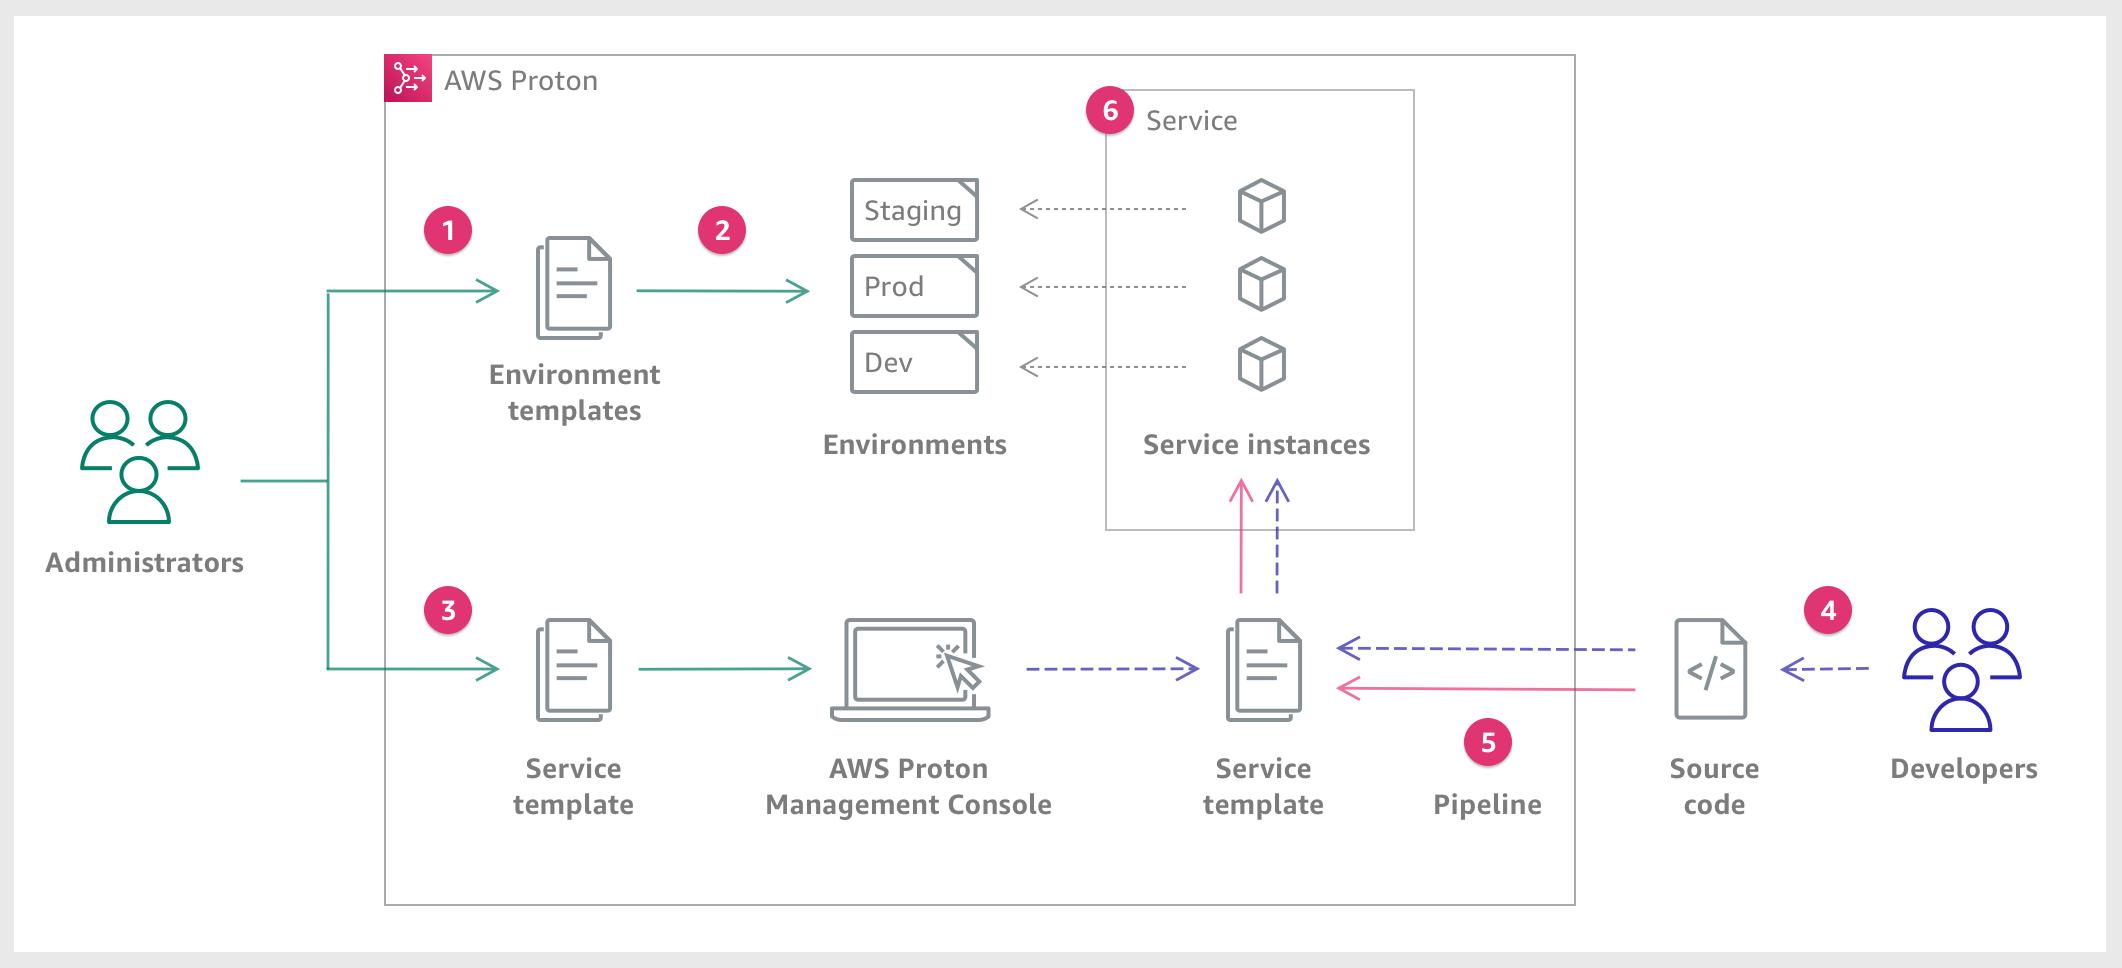 https://docs.aws.amazon.com/ja_jp/proton/latest/userguide/images/service-diagram_1.png